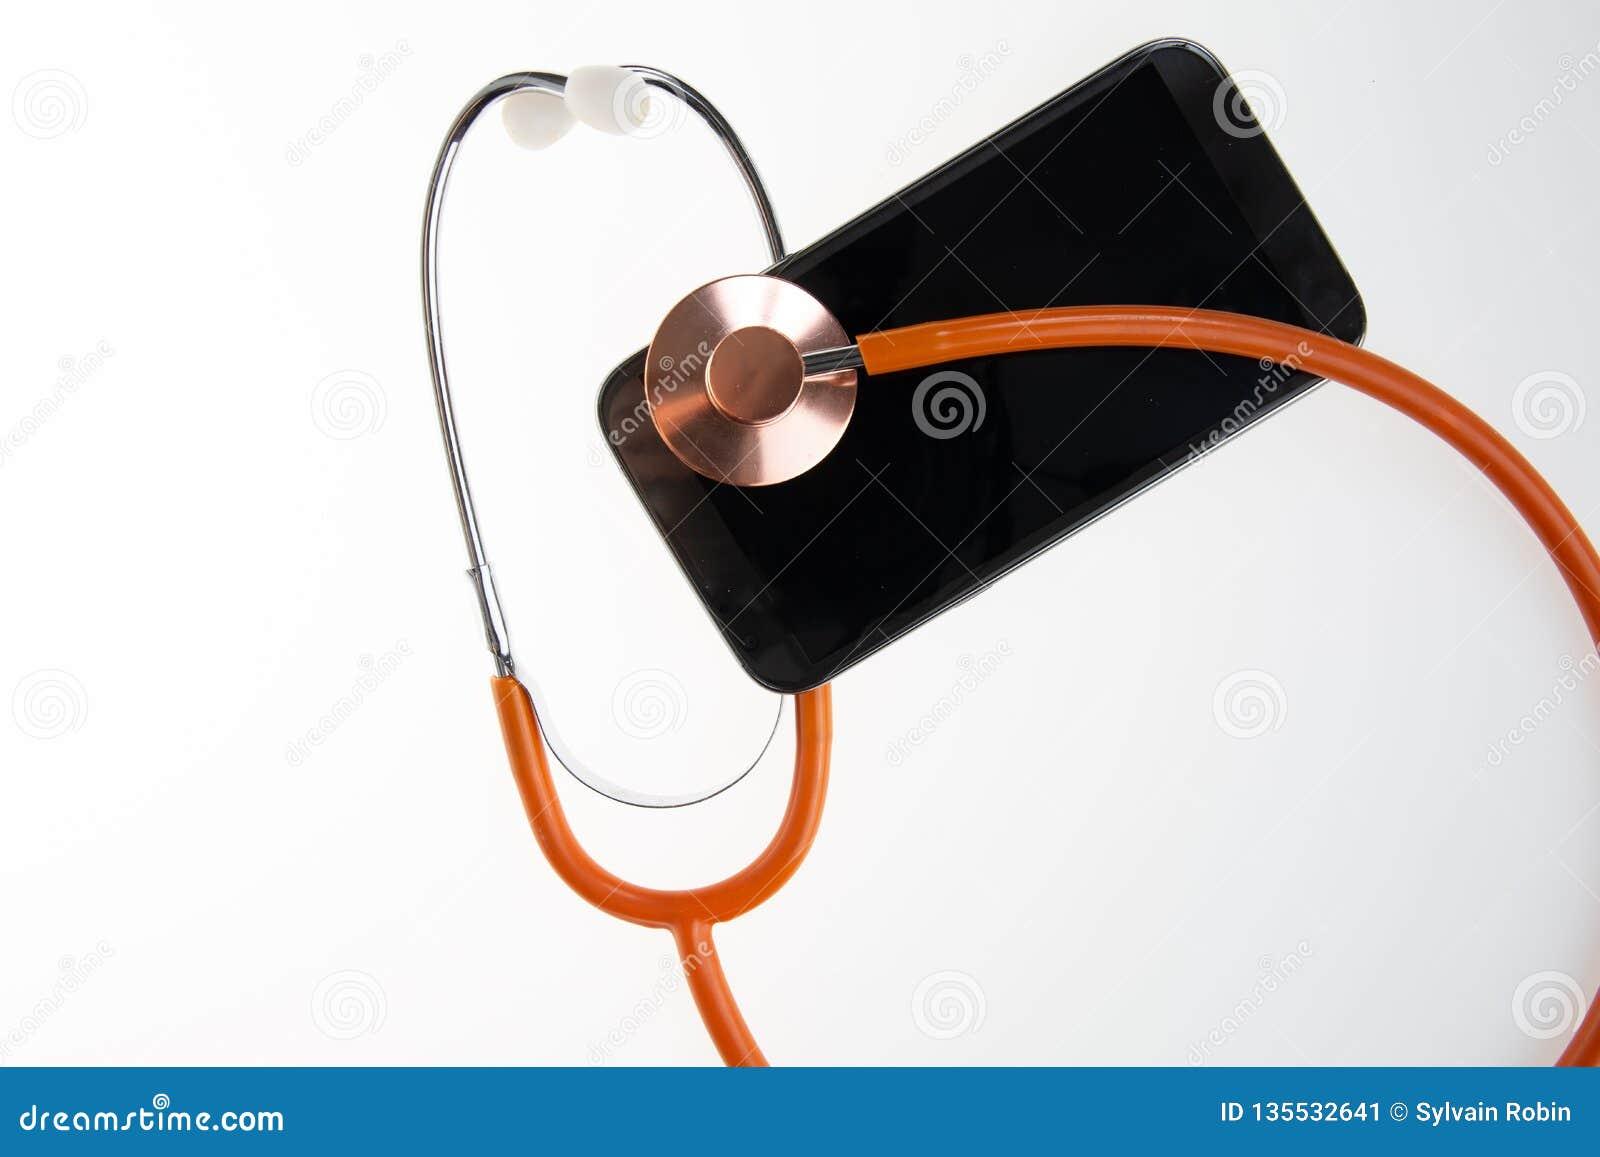 Medicinsk begreppssmartphone och stetoskop för diagnostisk hälsoproblem via mobiltelefonen